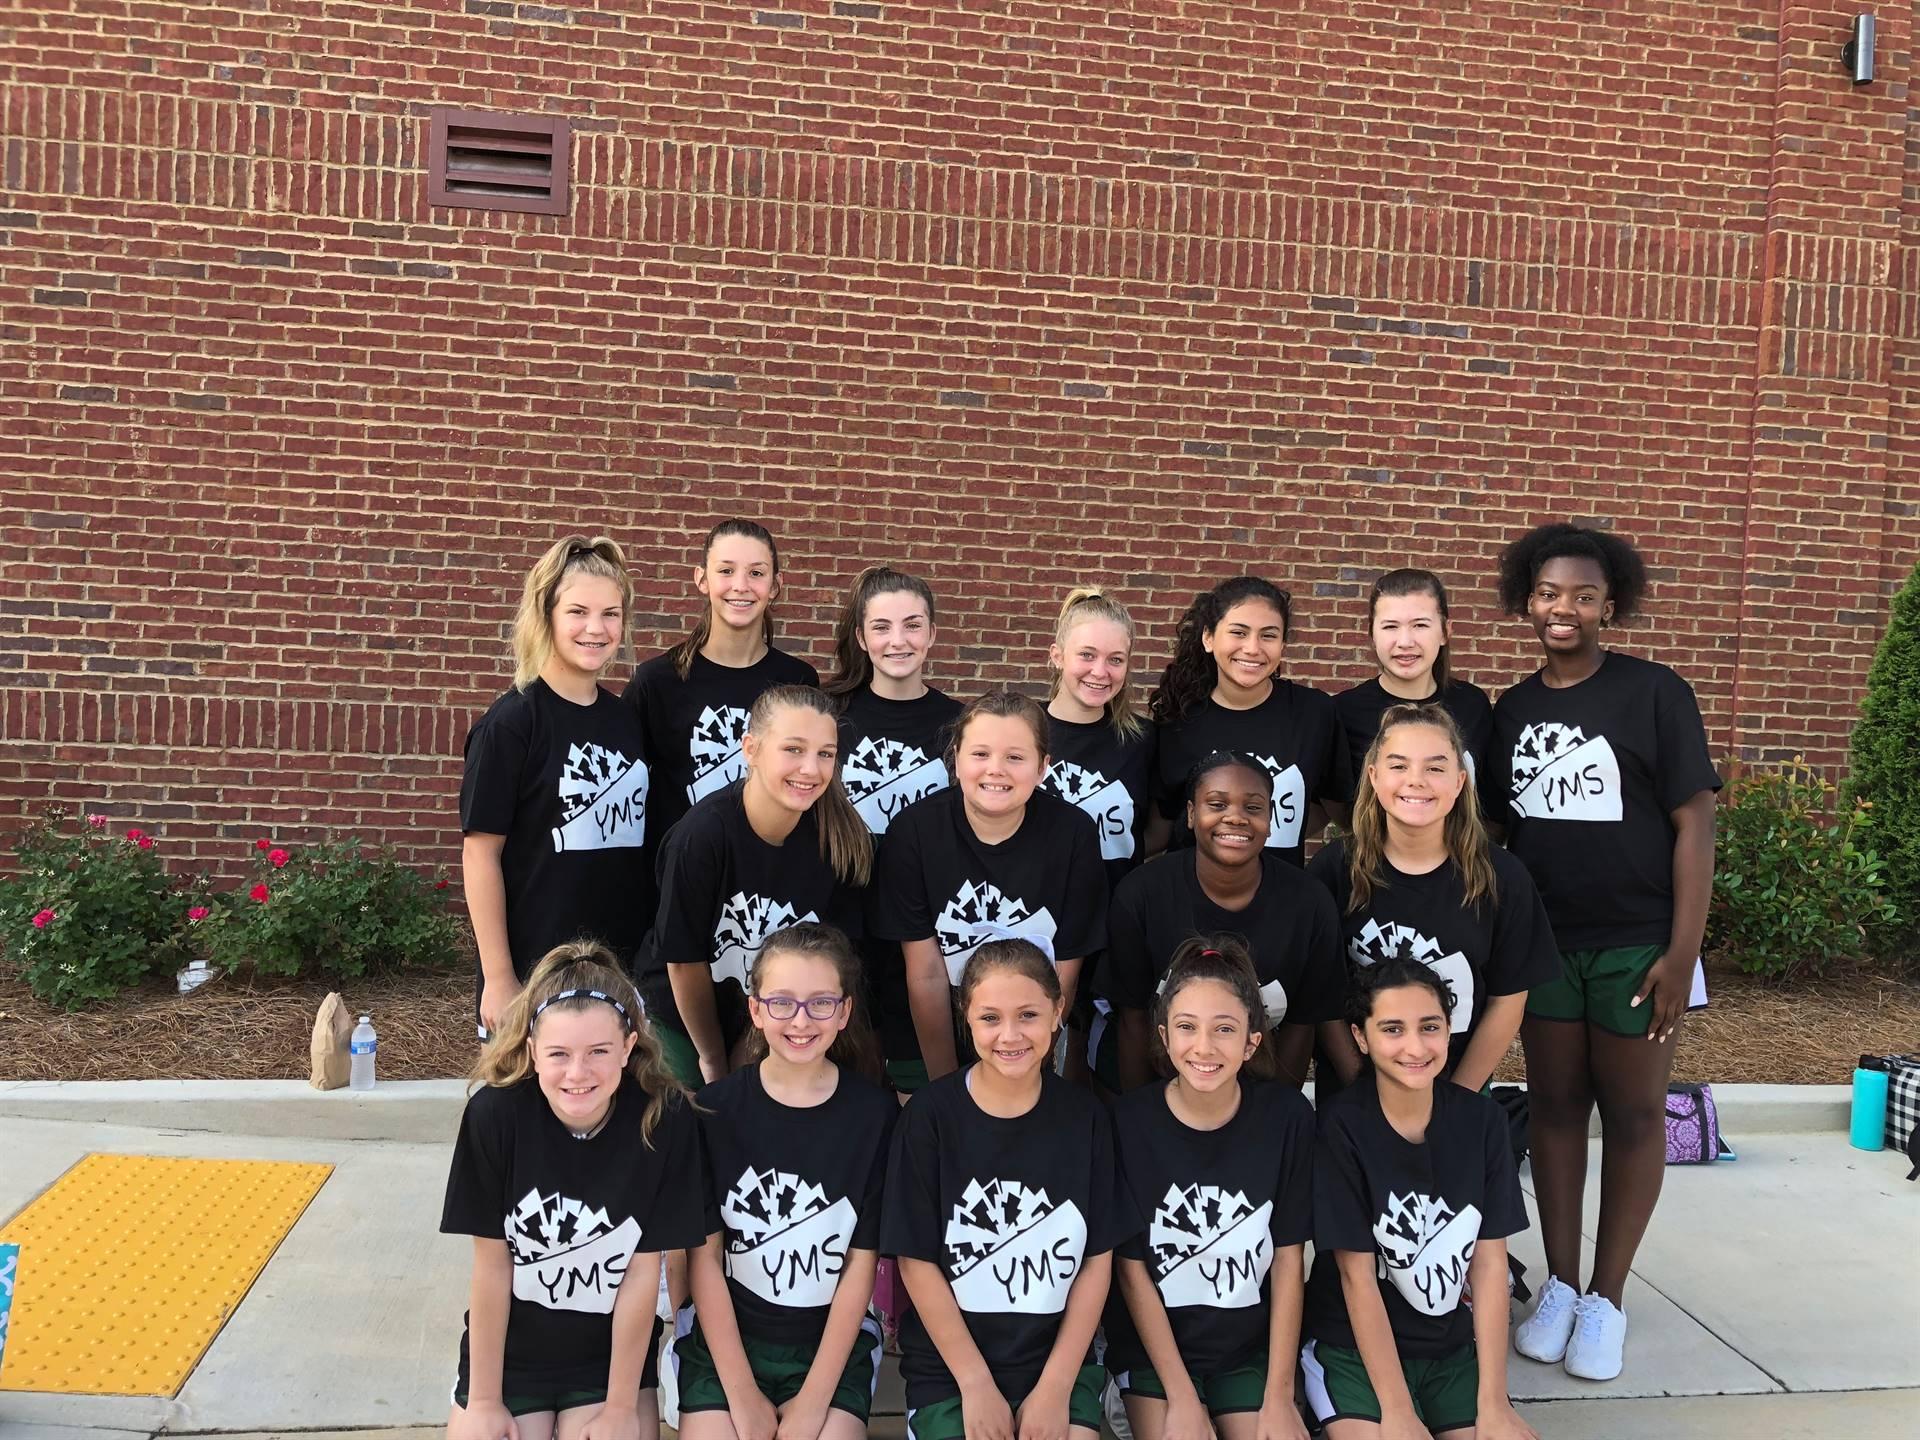 YMS Cheerleaders